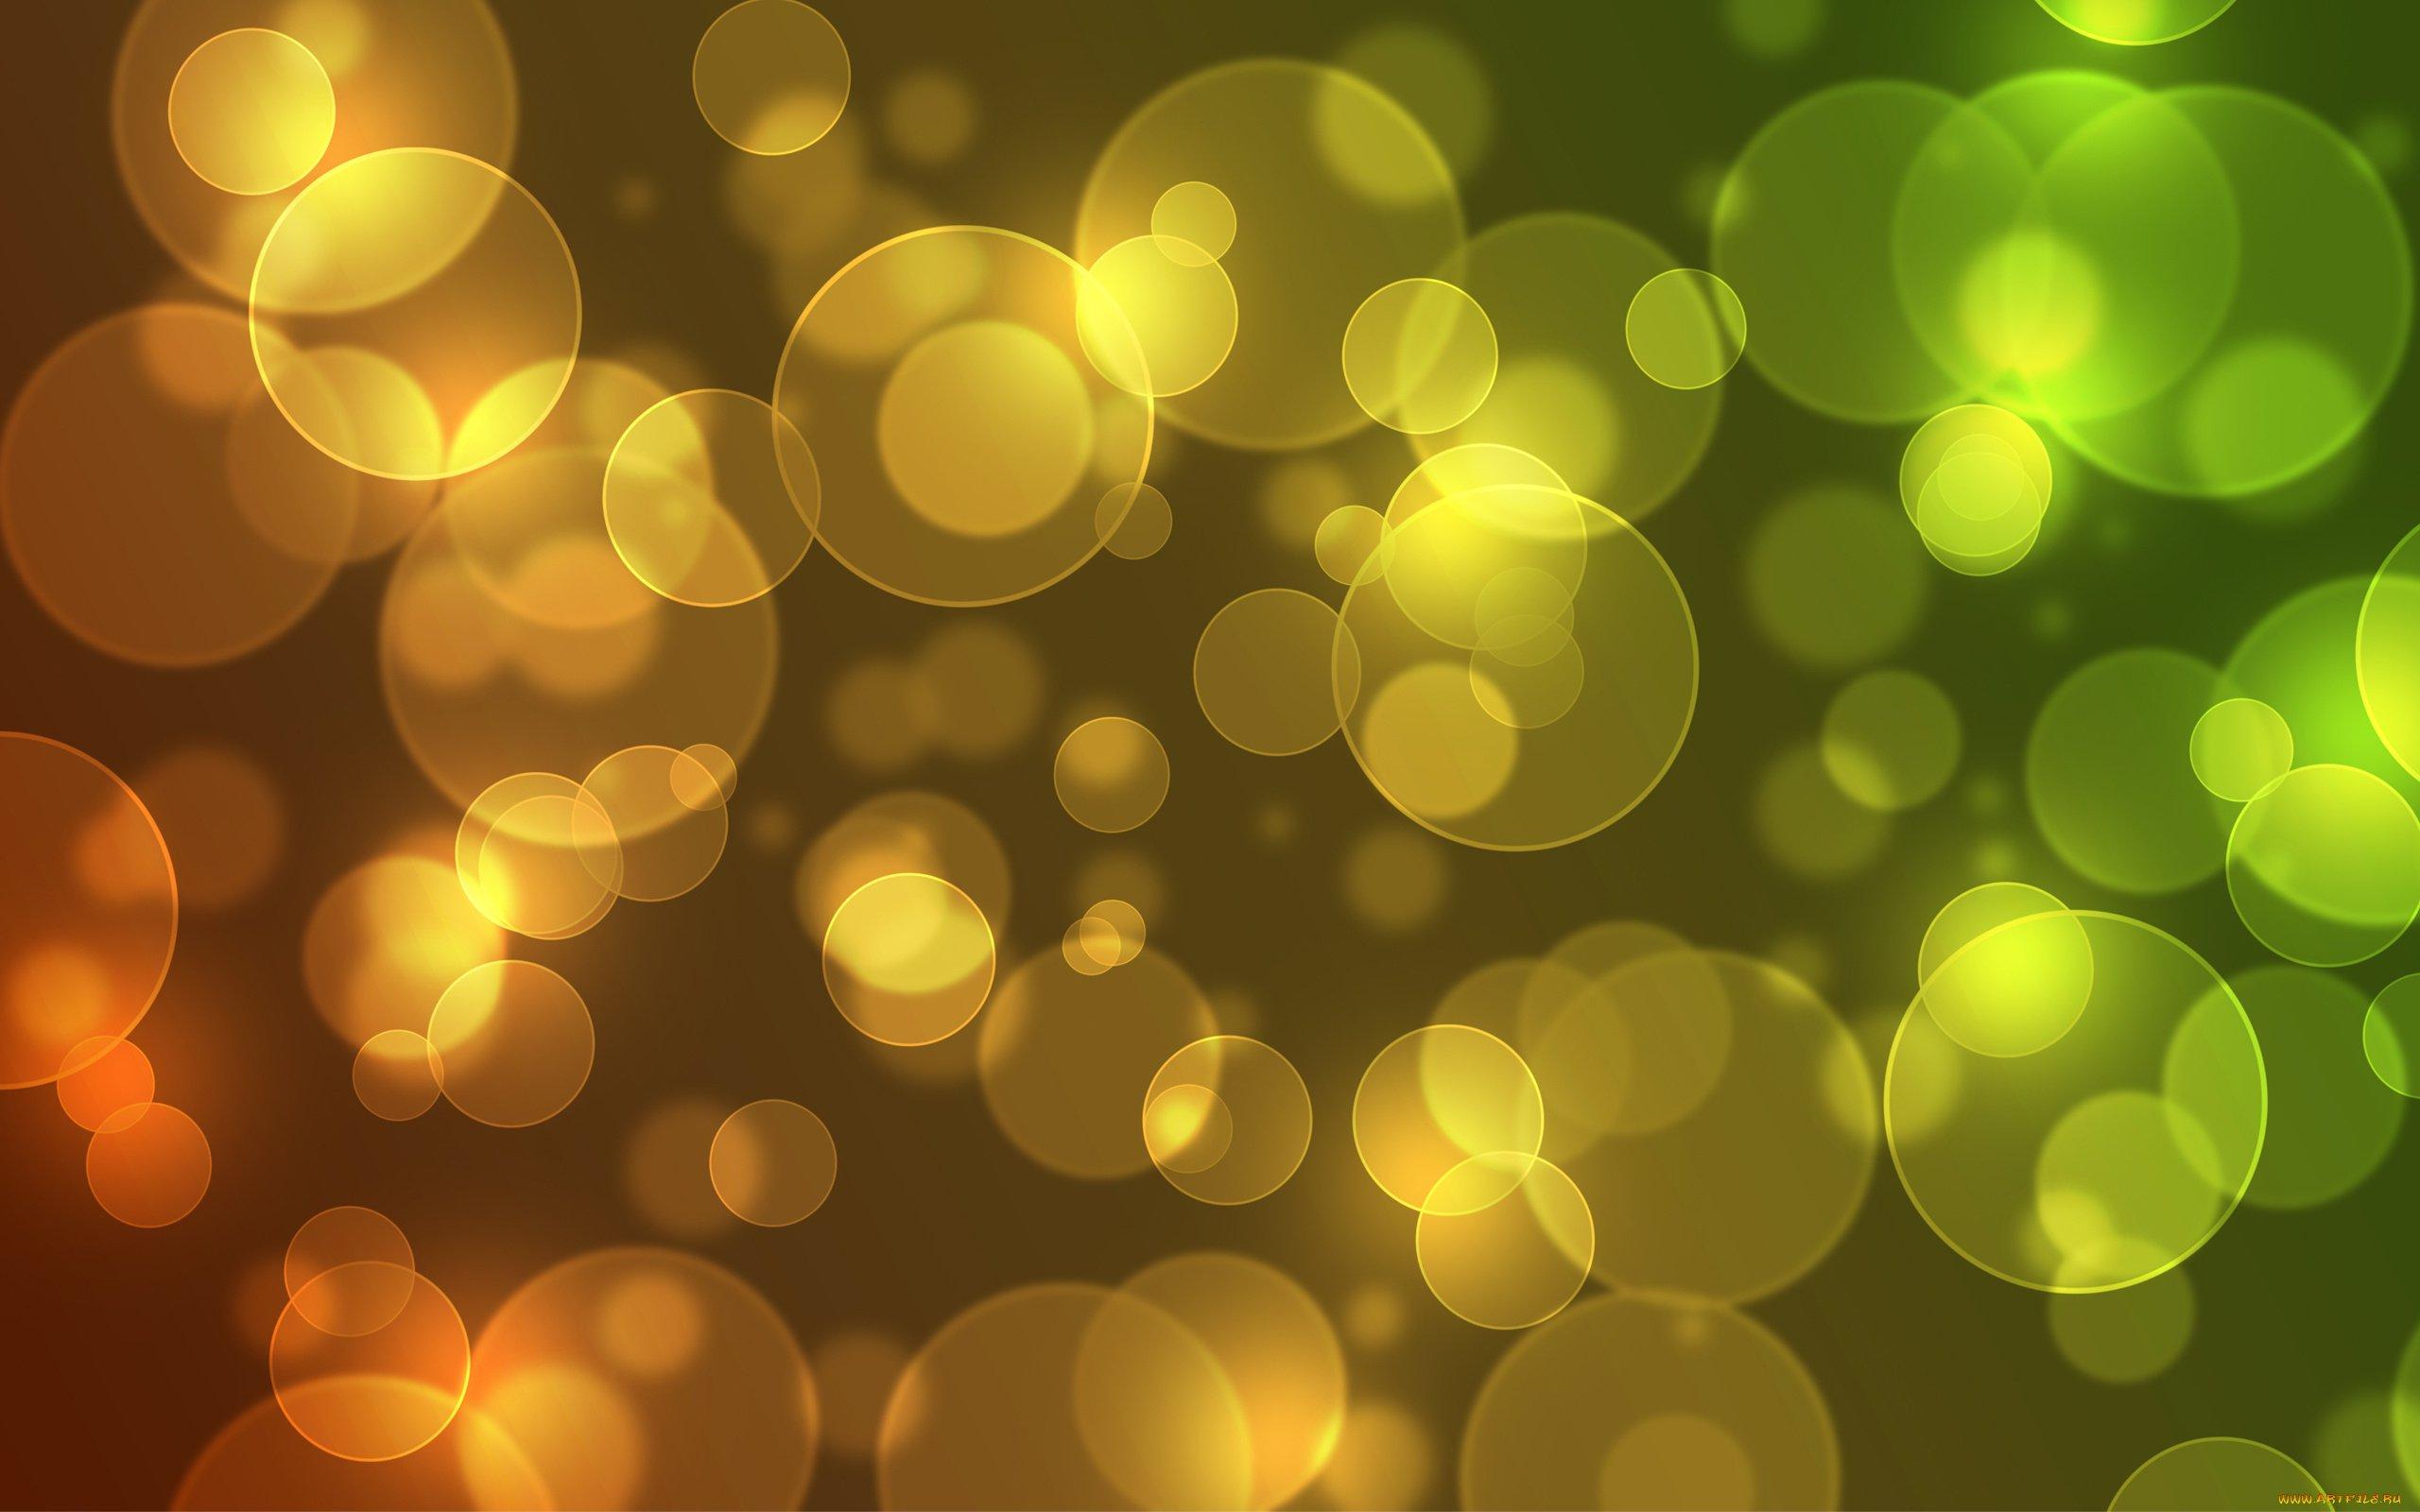 картинки фонов для фото троицей пригодятся праздничные